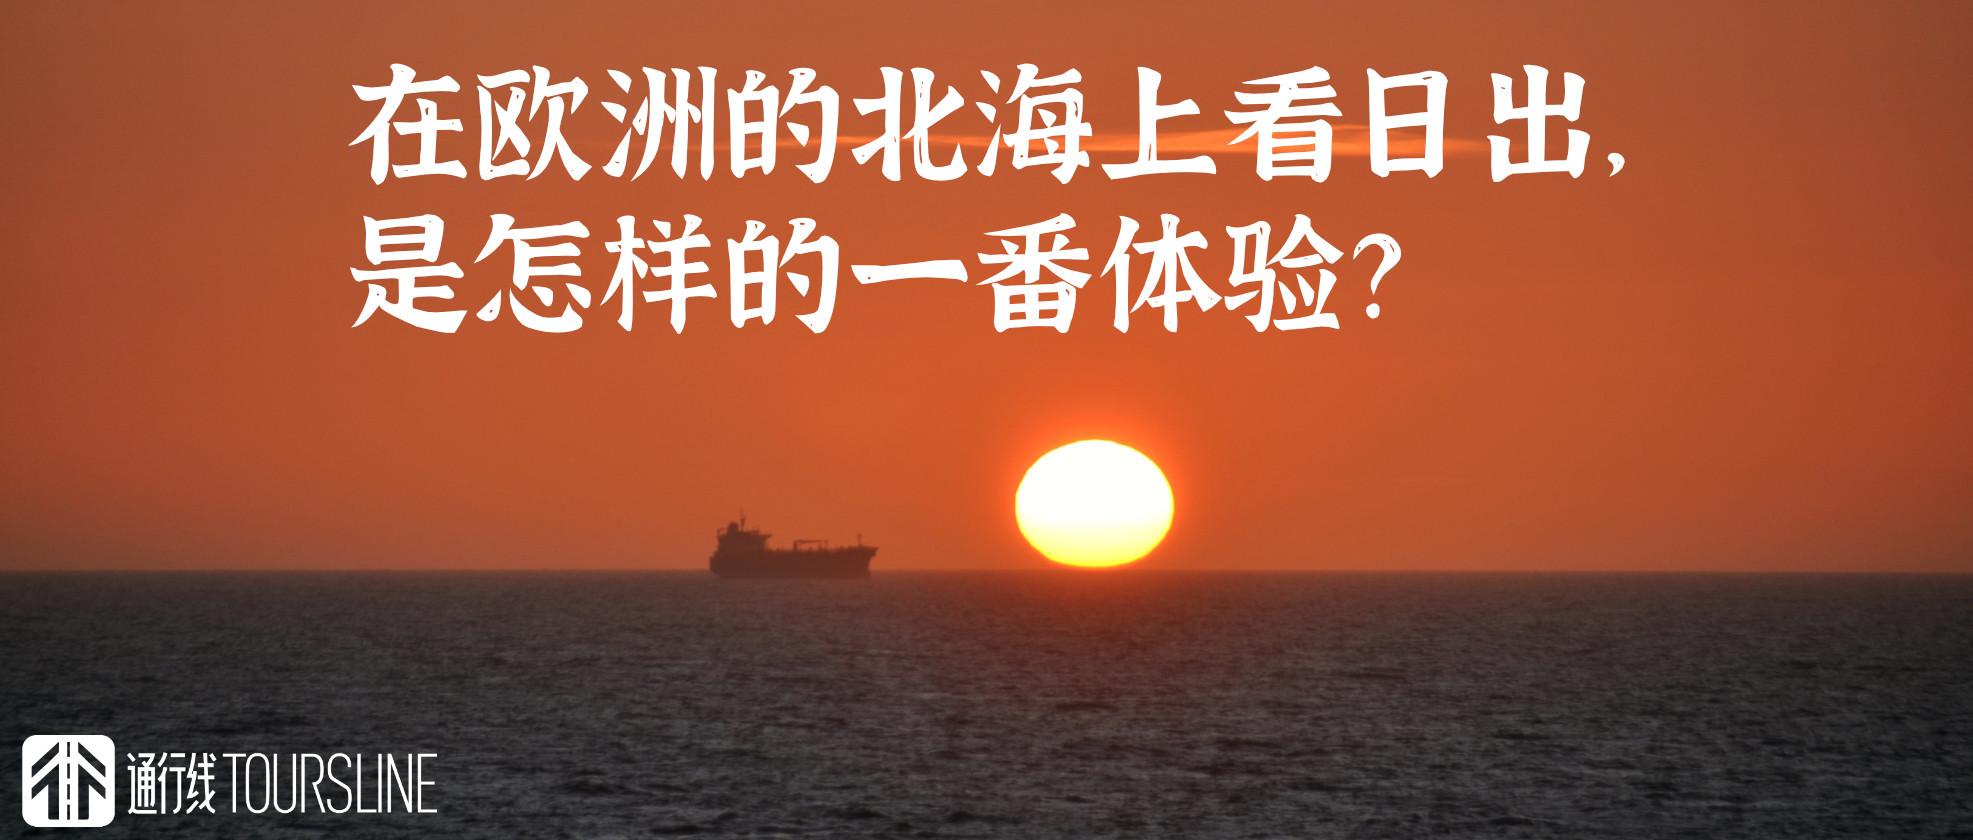 在欧洲的北海上看日出,是怎样的一番体验?